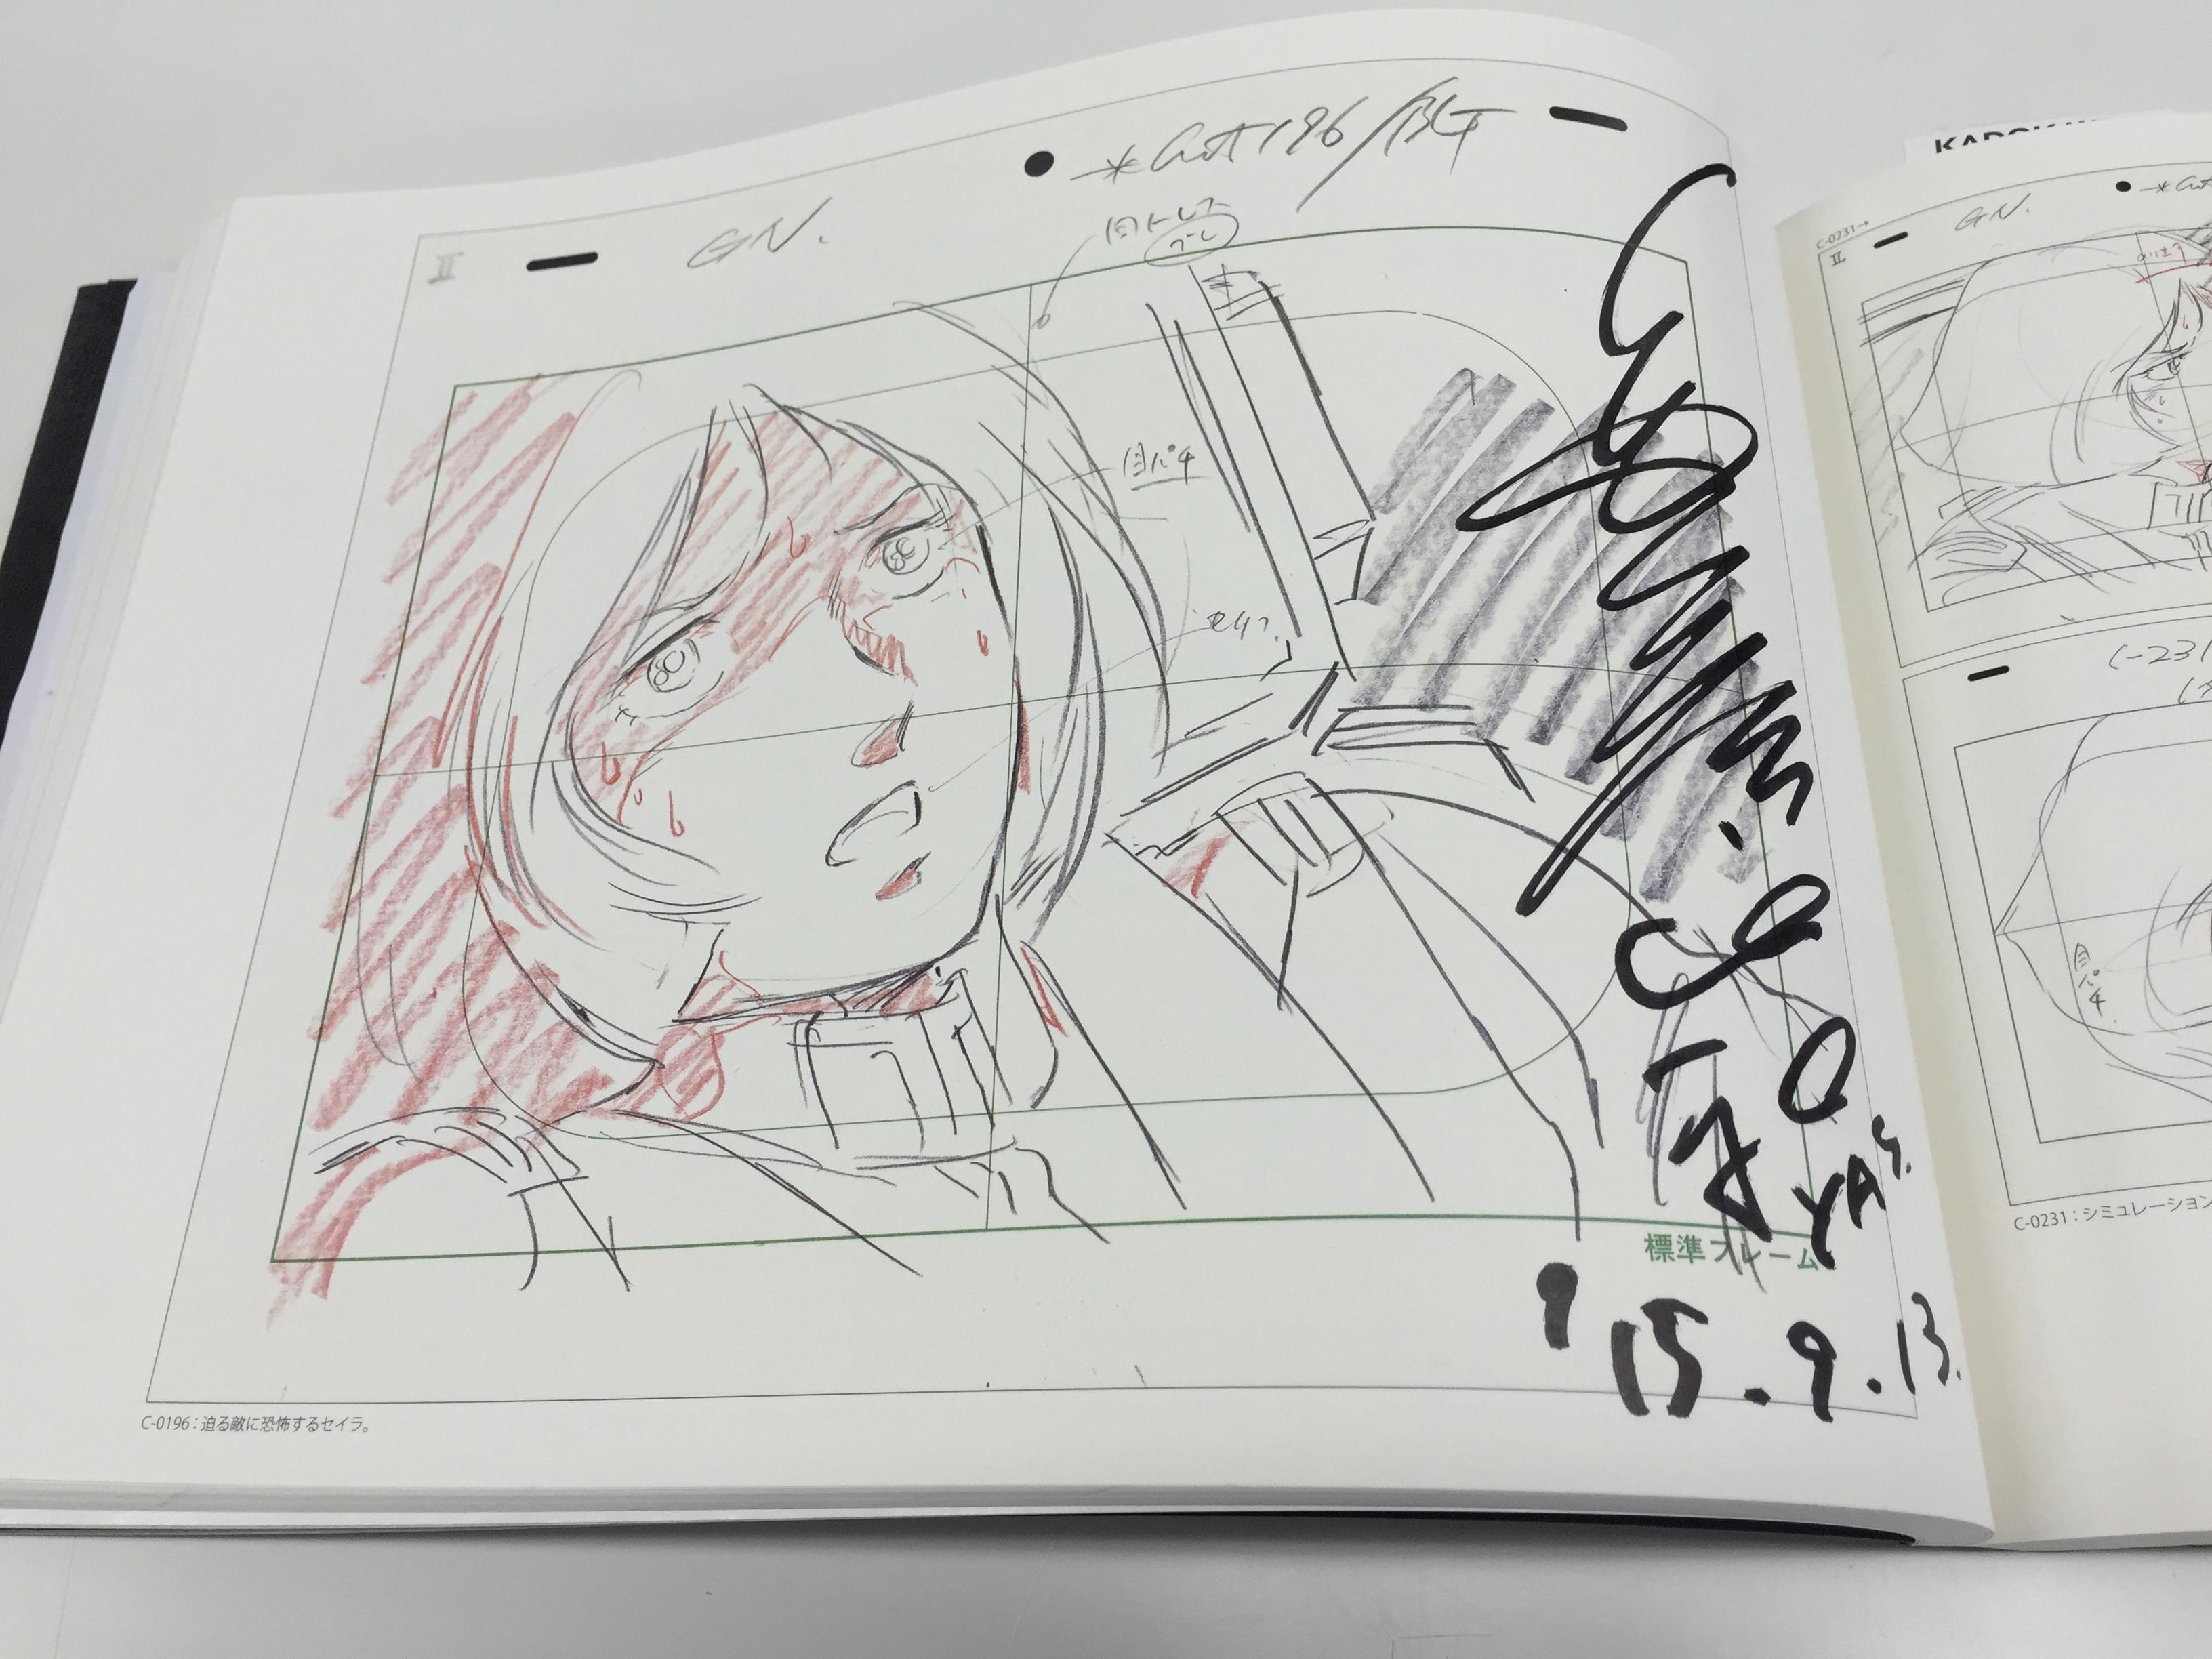 安彦良和 講演会 漫画で描く歴史vol.2~古代から現代まで~ に参加して、サインを頂いてきた!